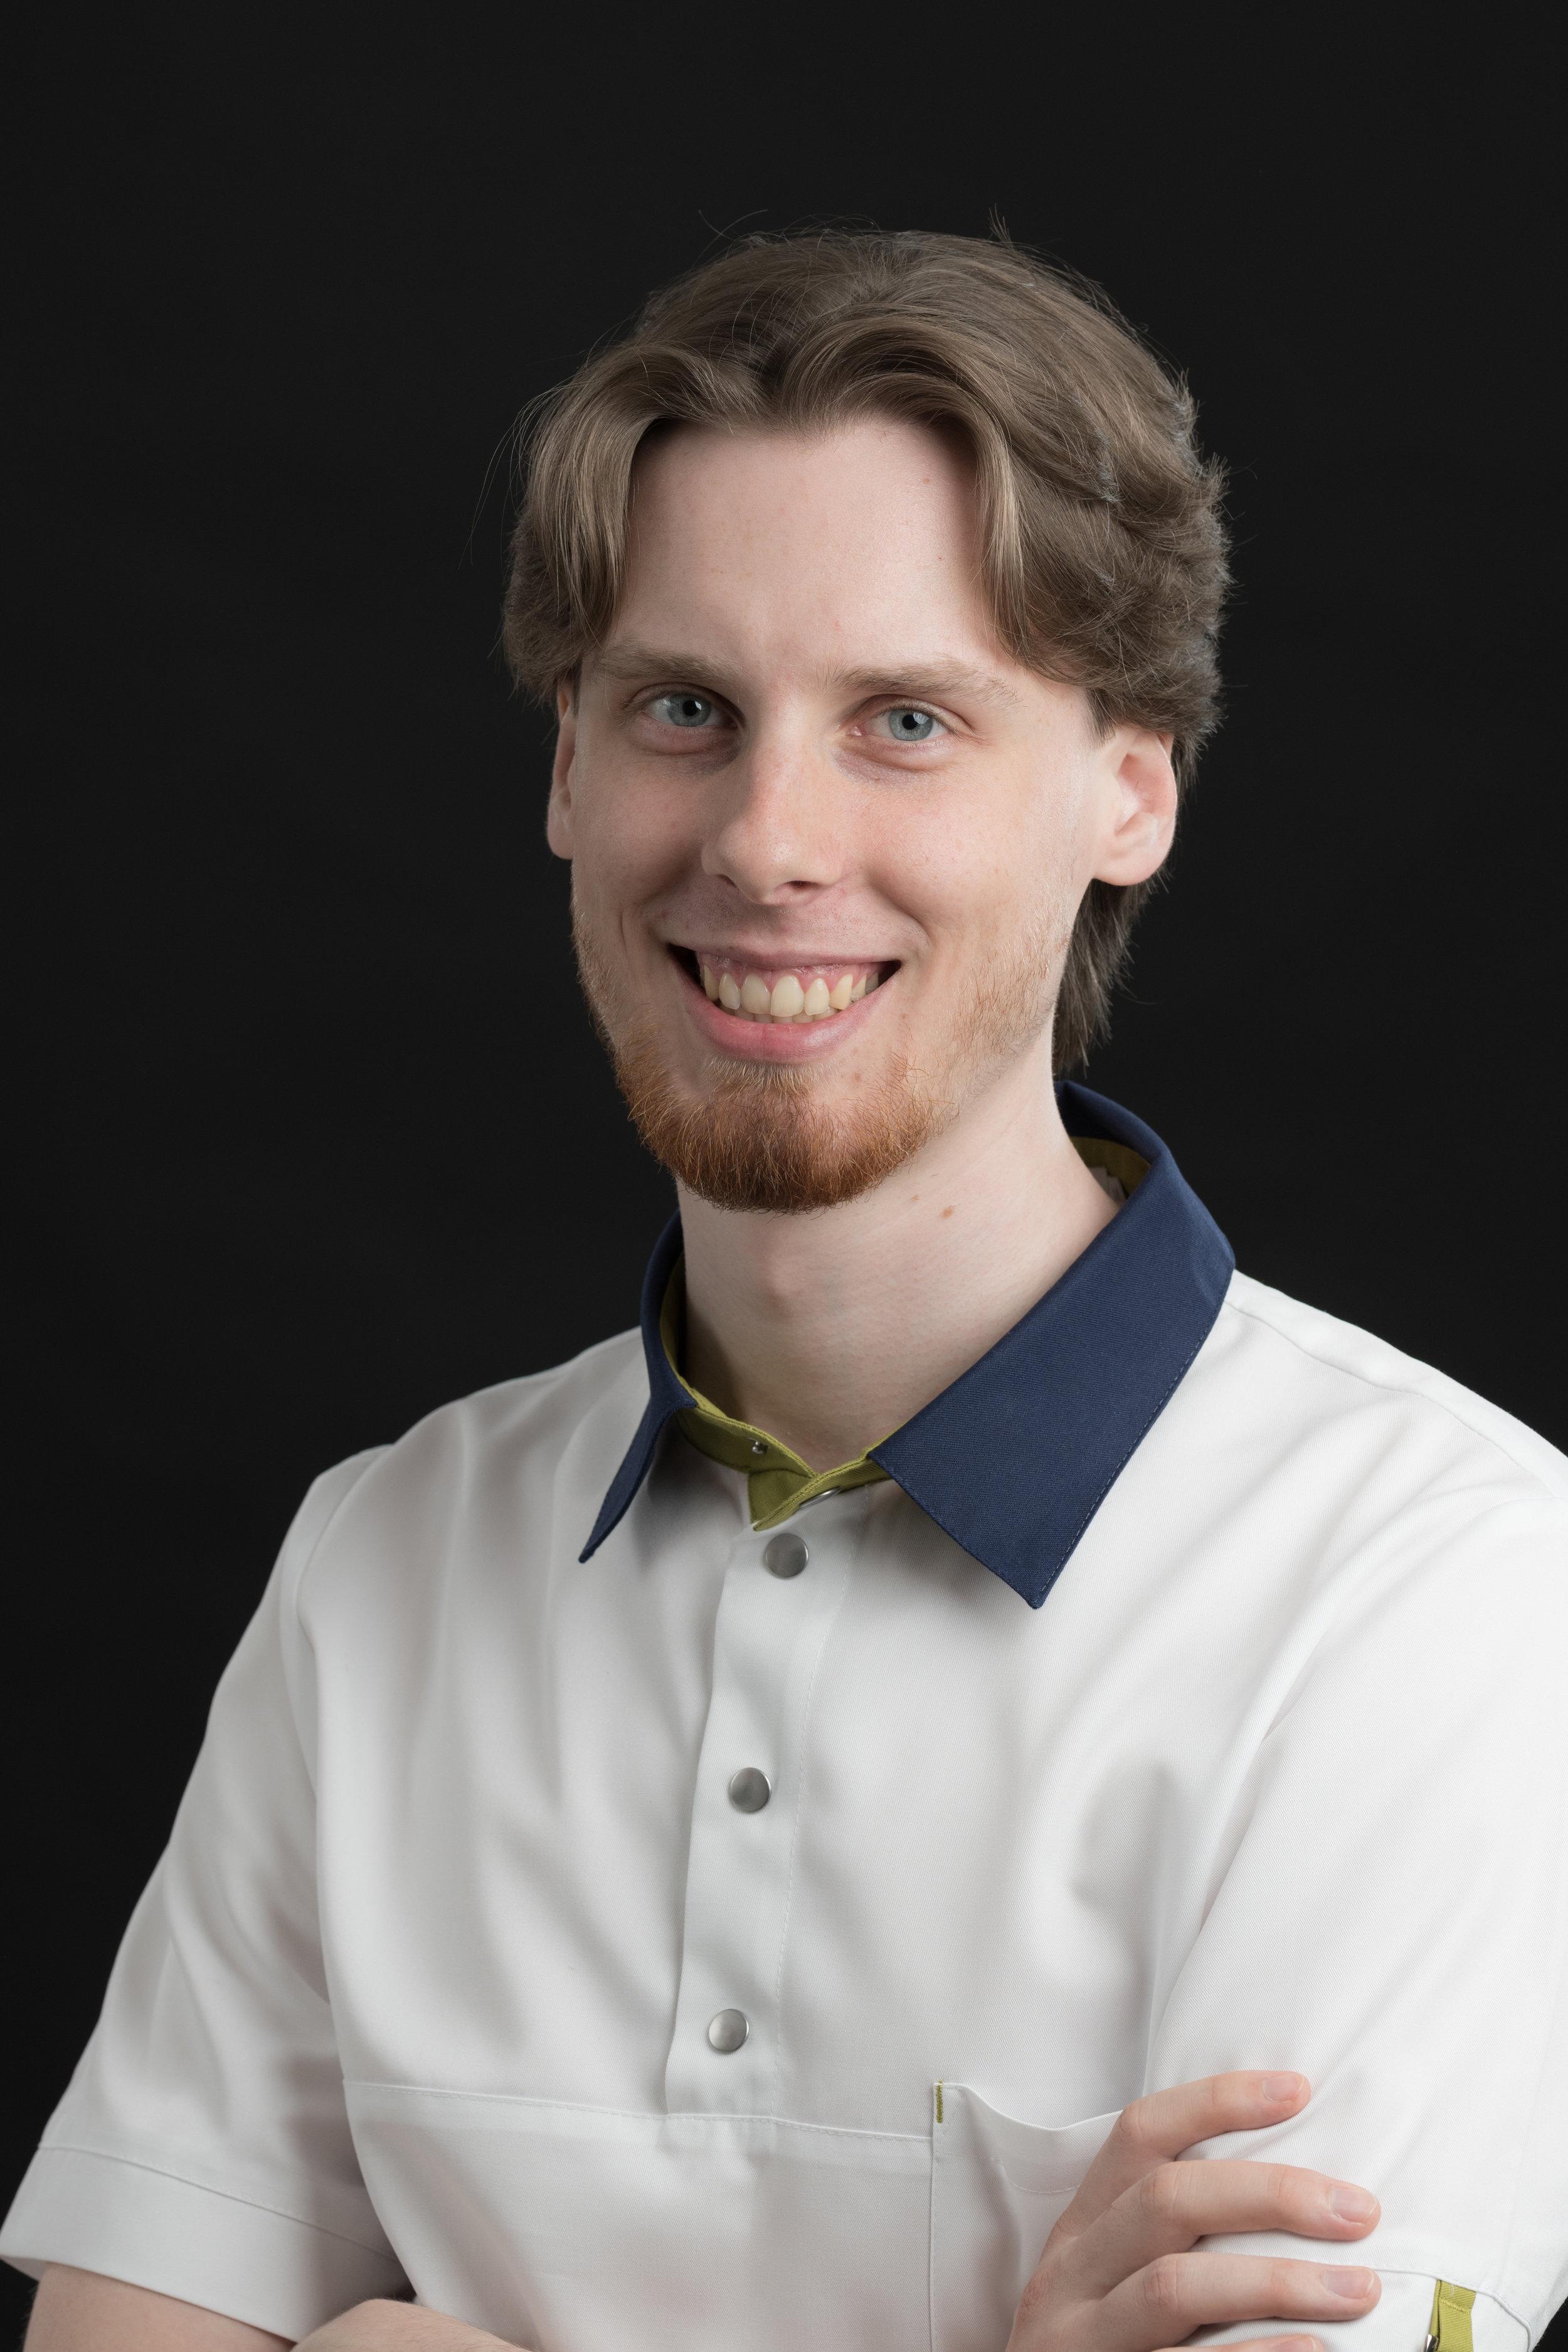 Gydytojas odontologas Juozas Paulauskas 2018-1.jpg